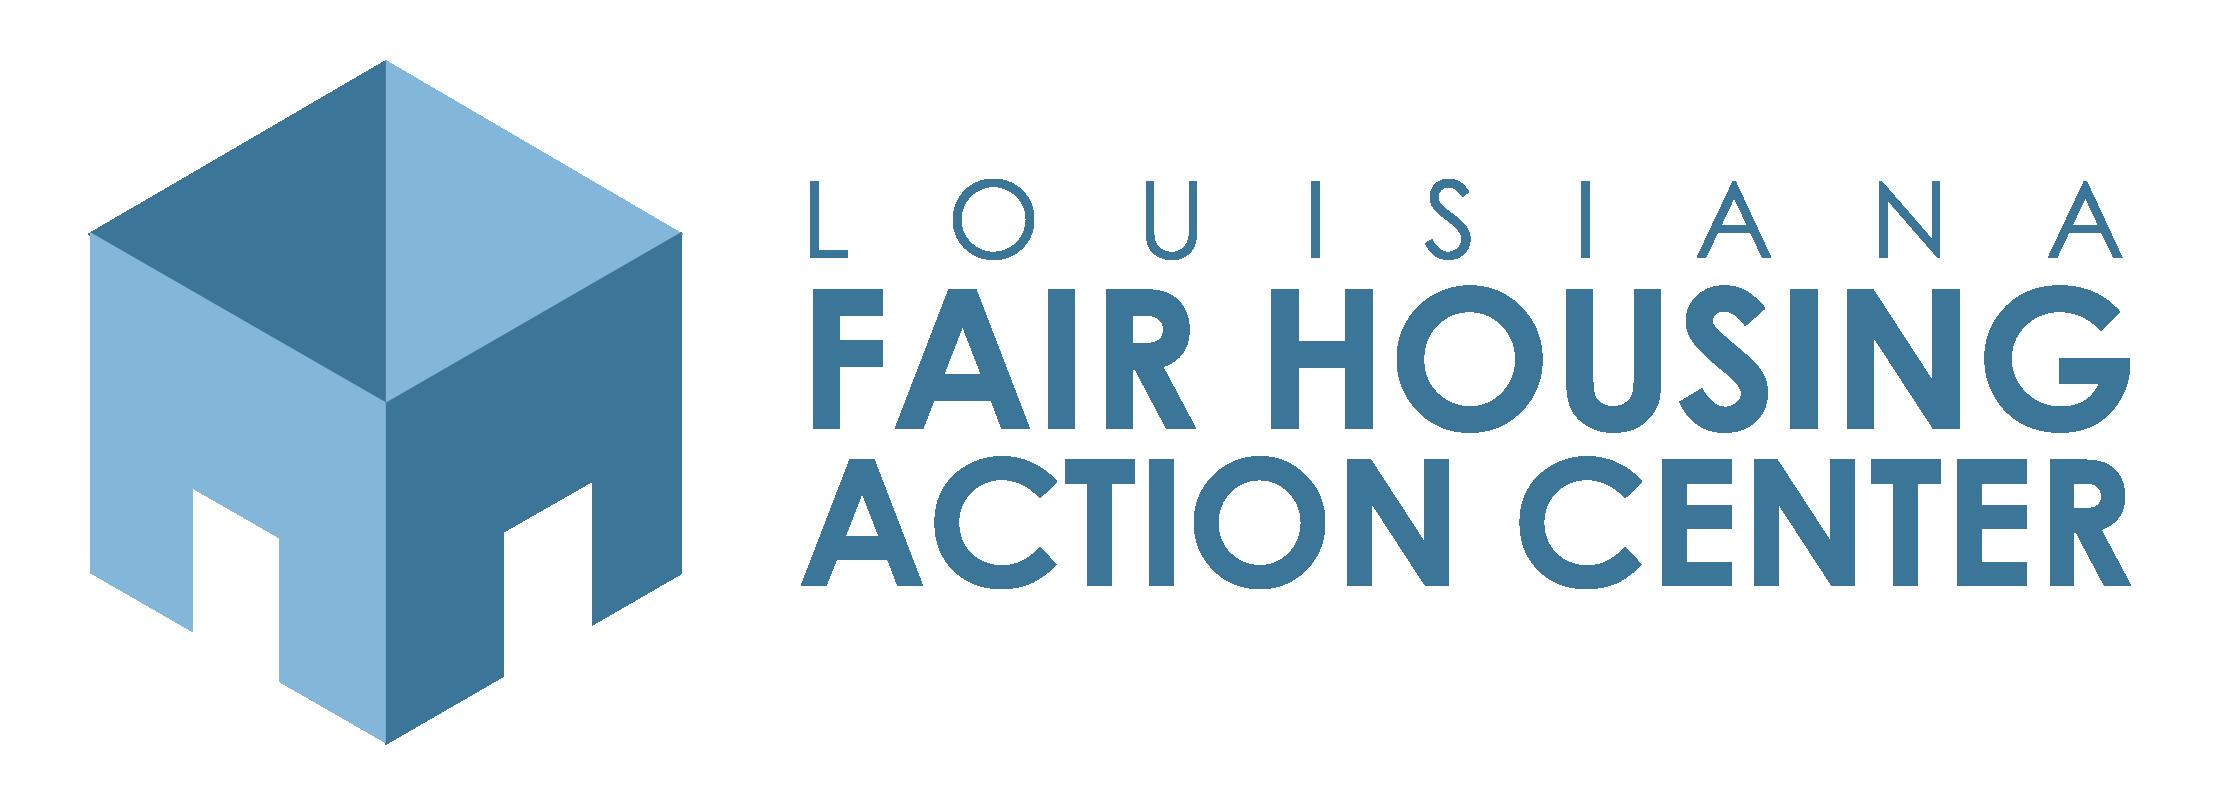 Lousiana Fair Housing Action Center Logo